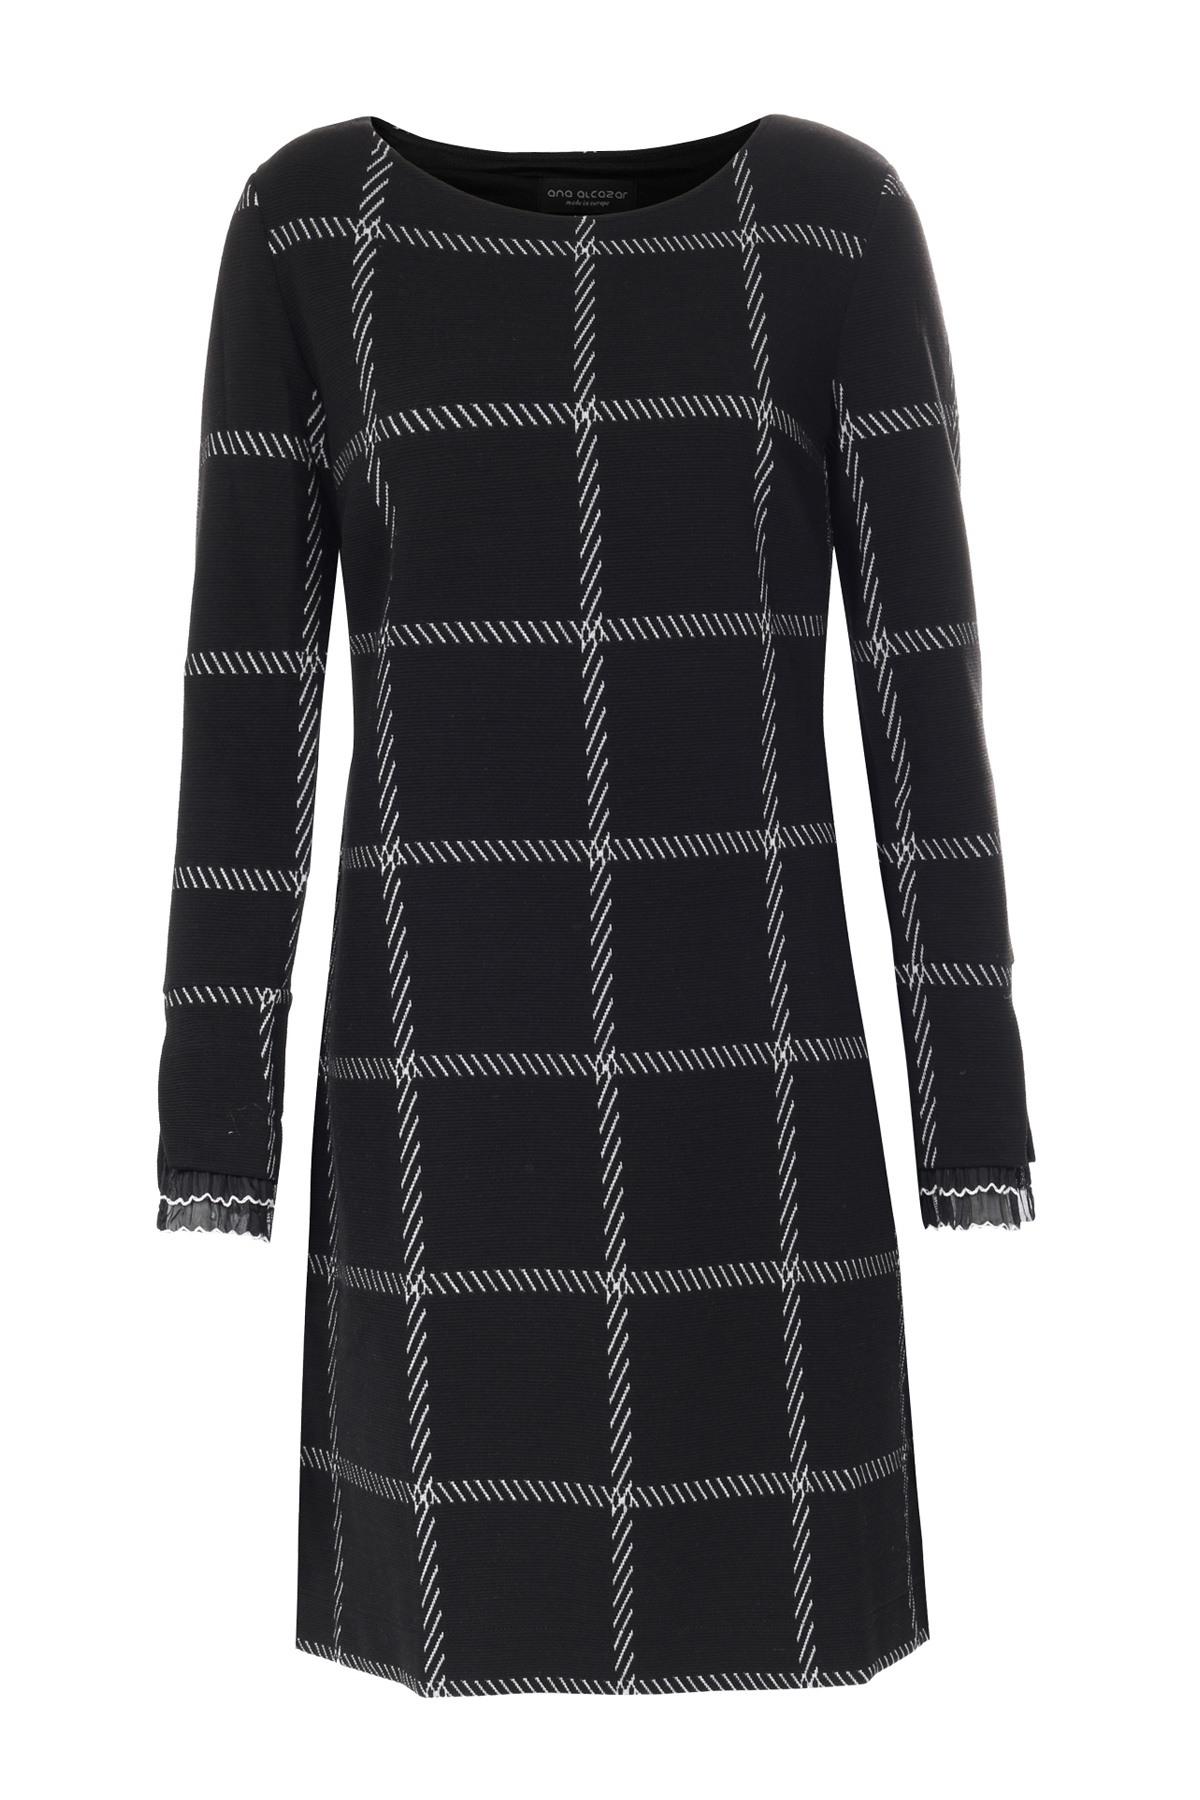 10 Luxus Kleider In Schwarz Weiß für 2019 Luxus Kleider In Schwarz Weiß Vertrieb